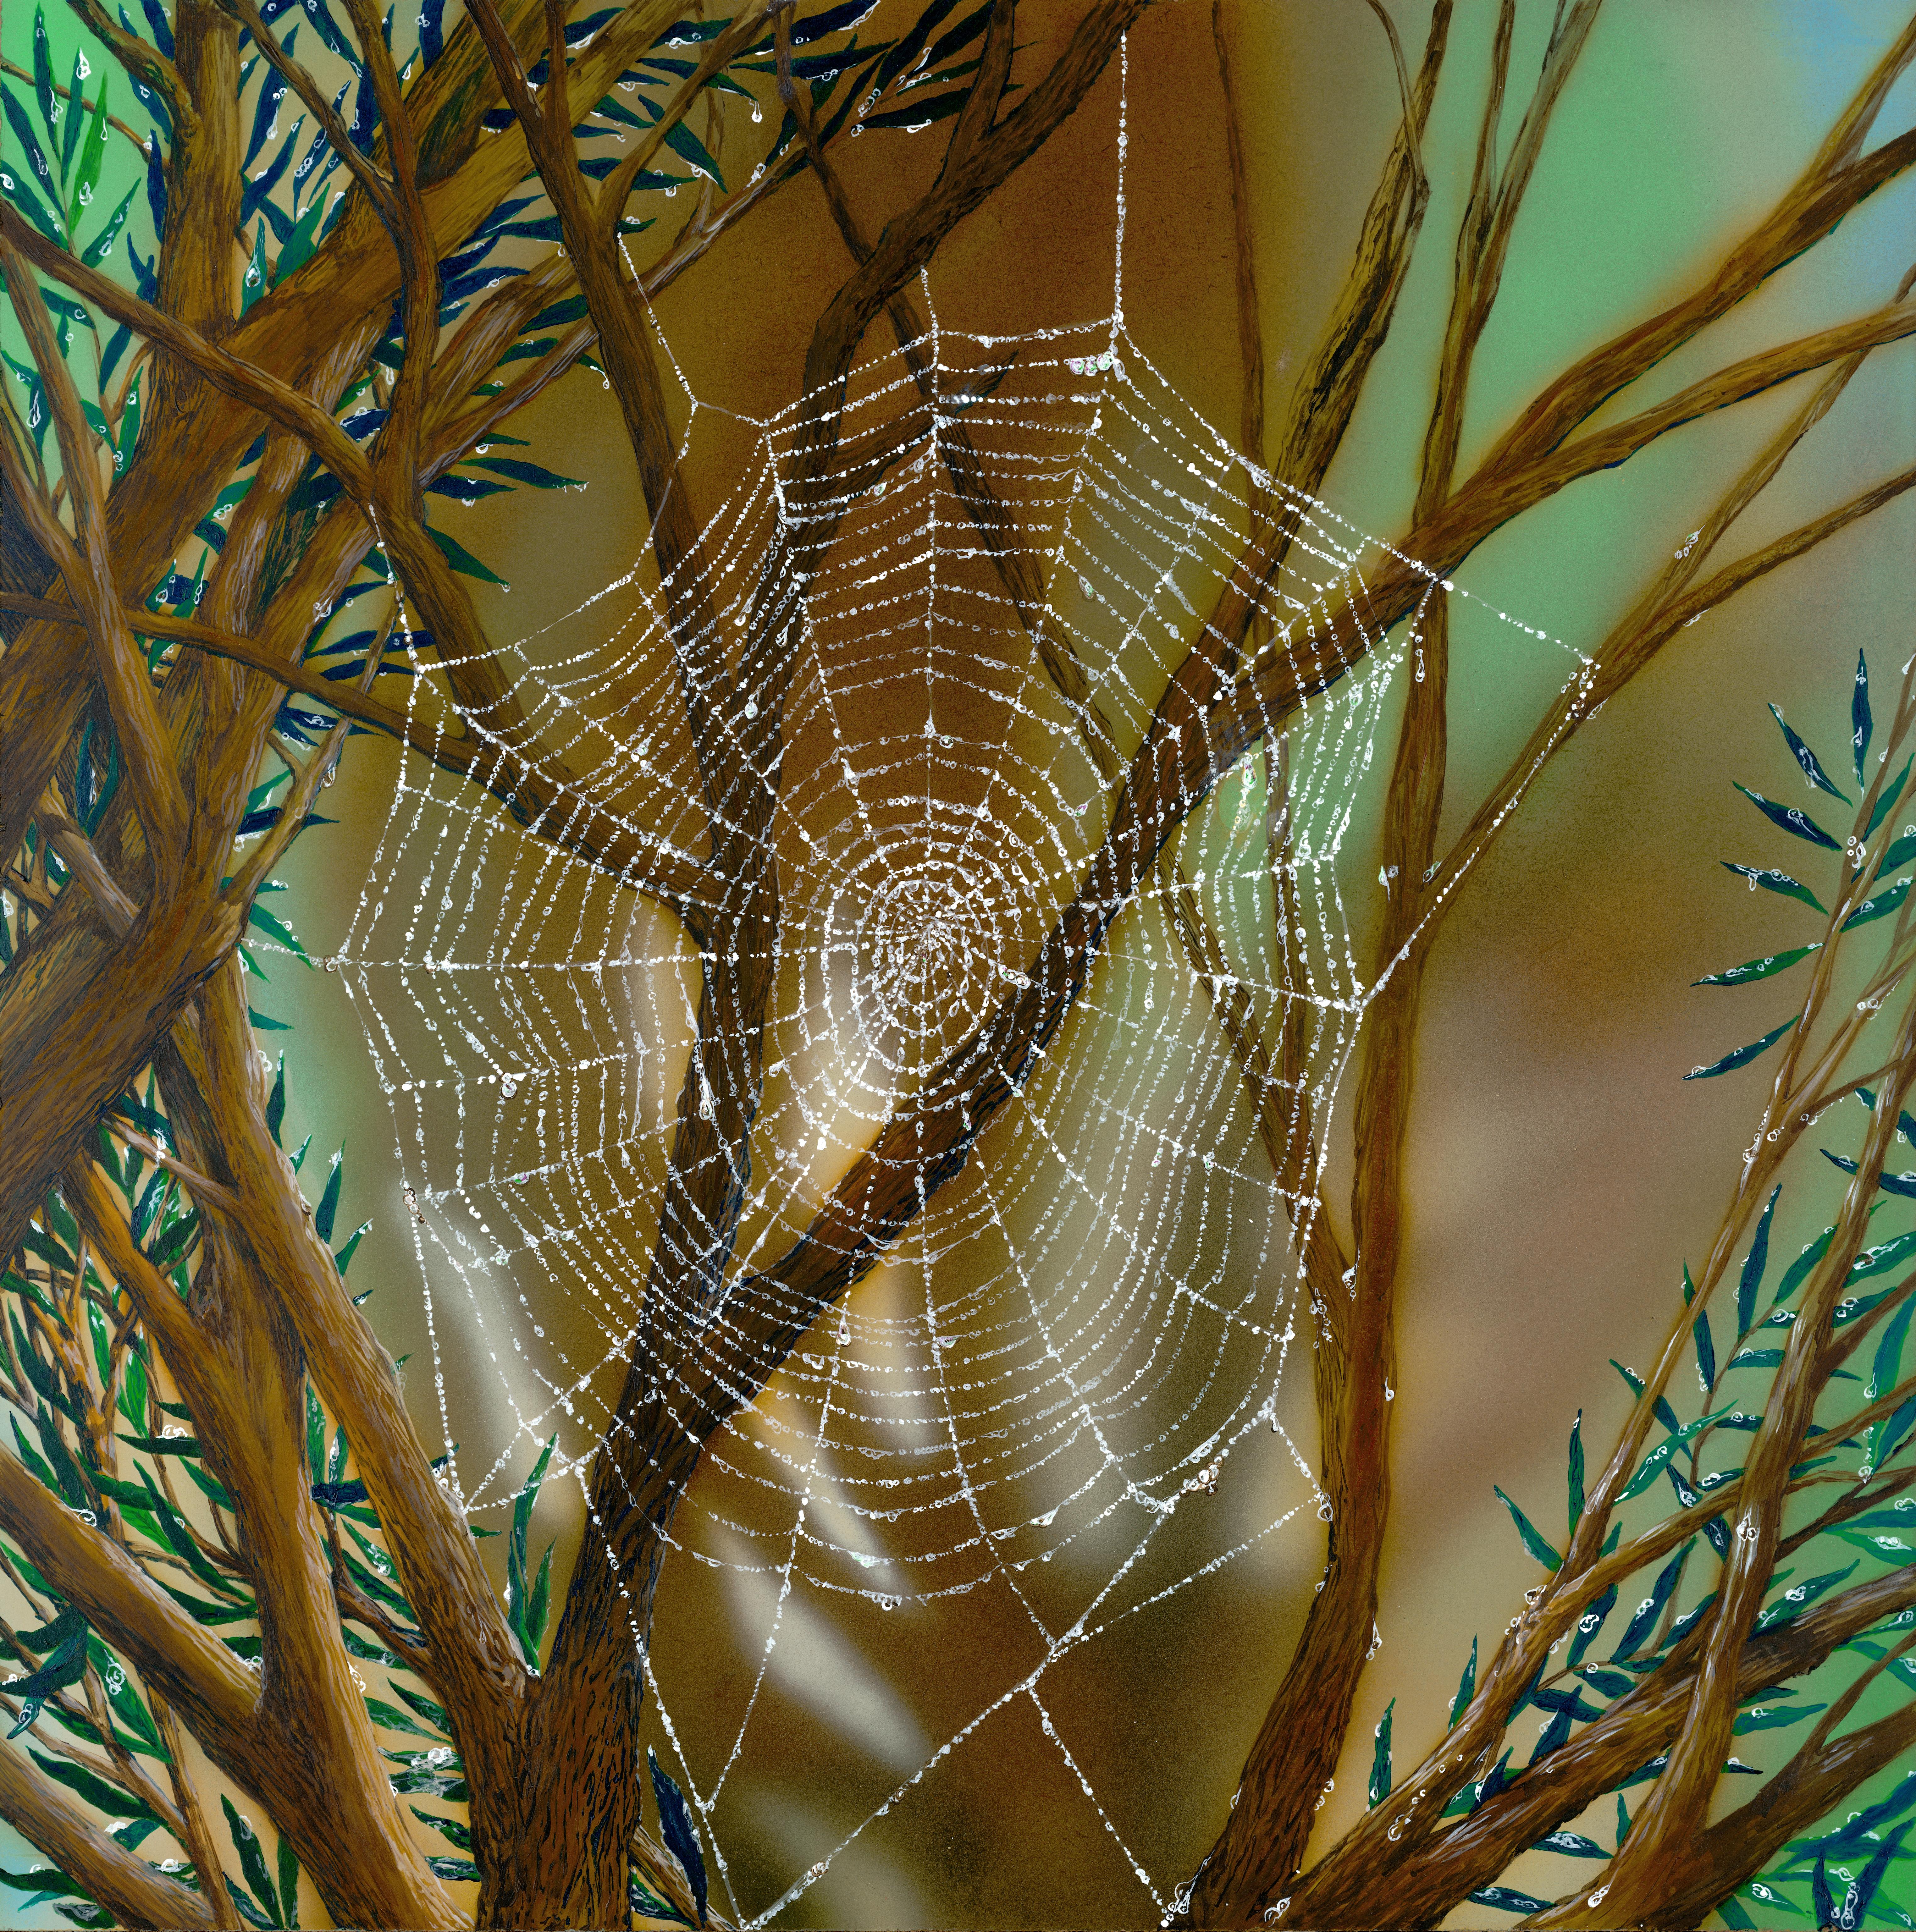 Sam's Web